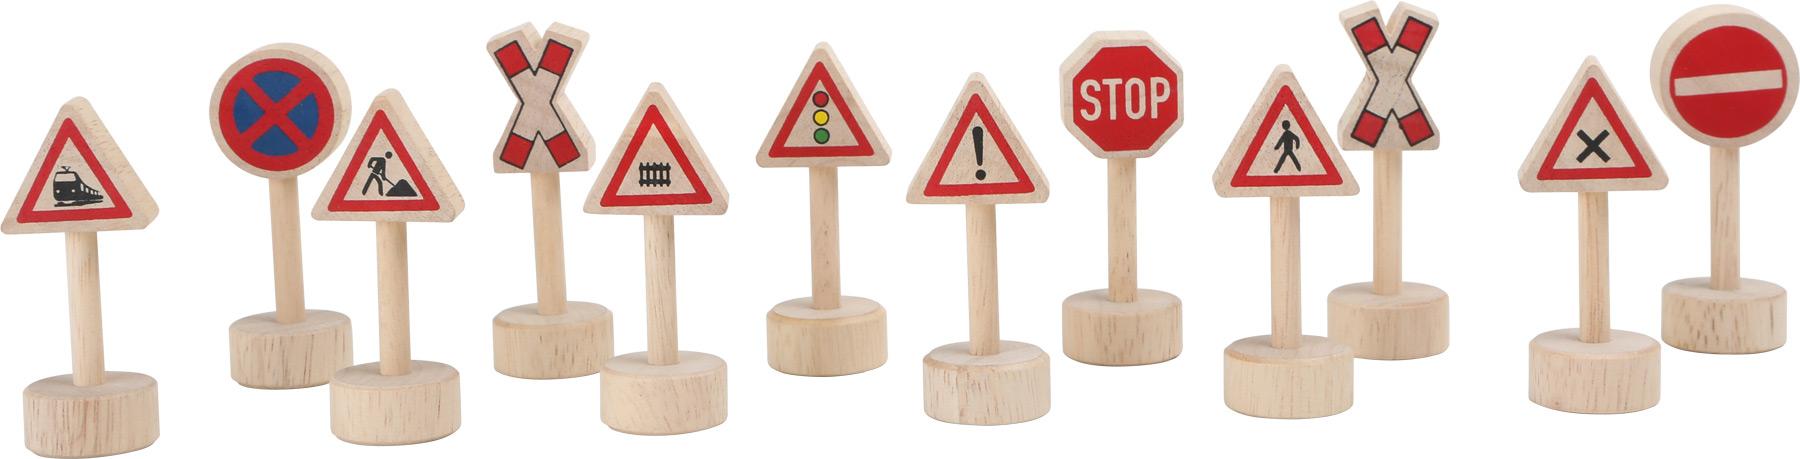 Dřevěné dopravní značky k vláčkodráze 12ks